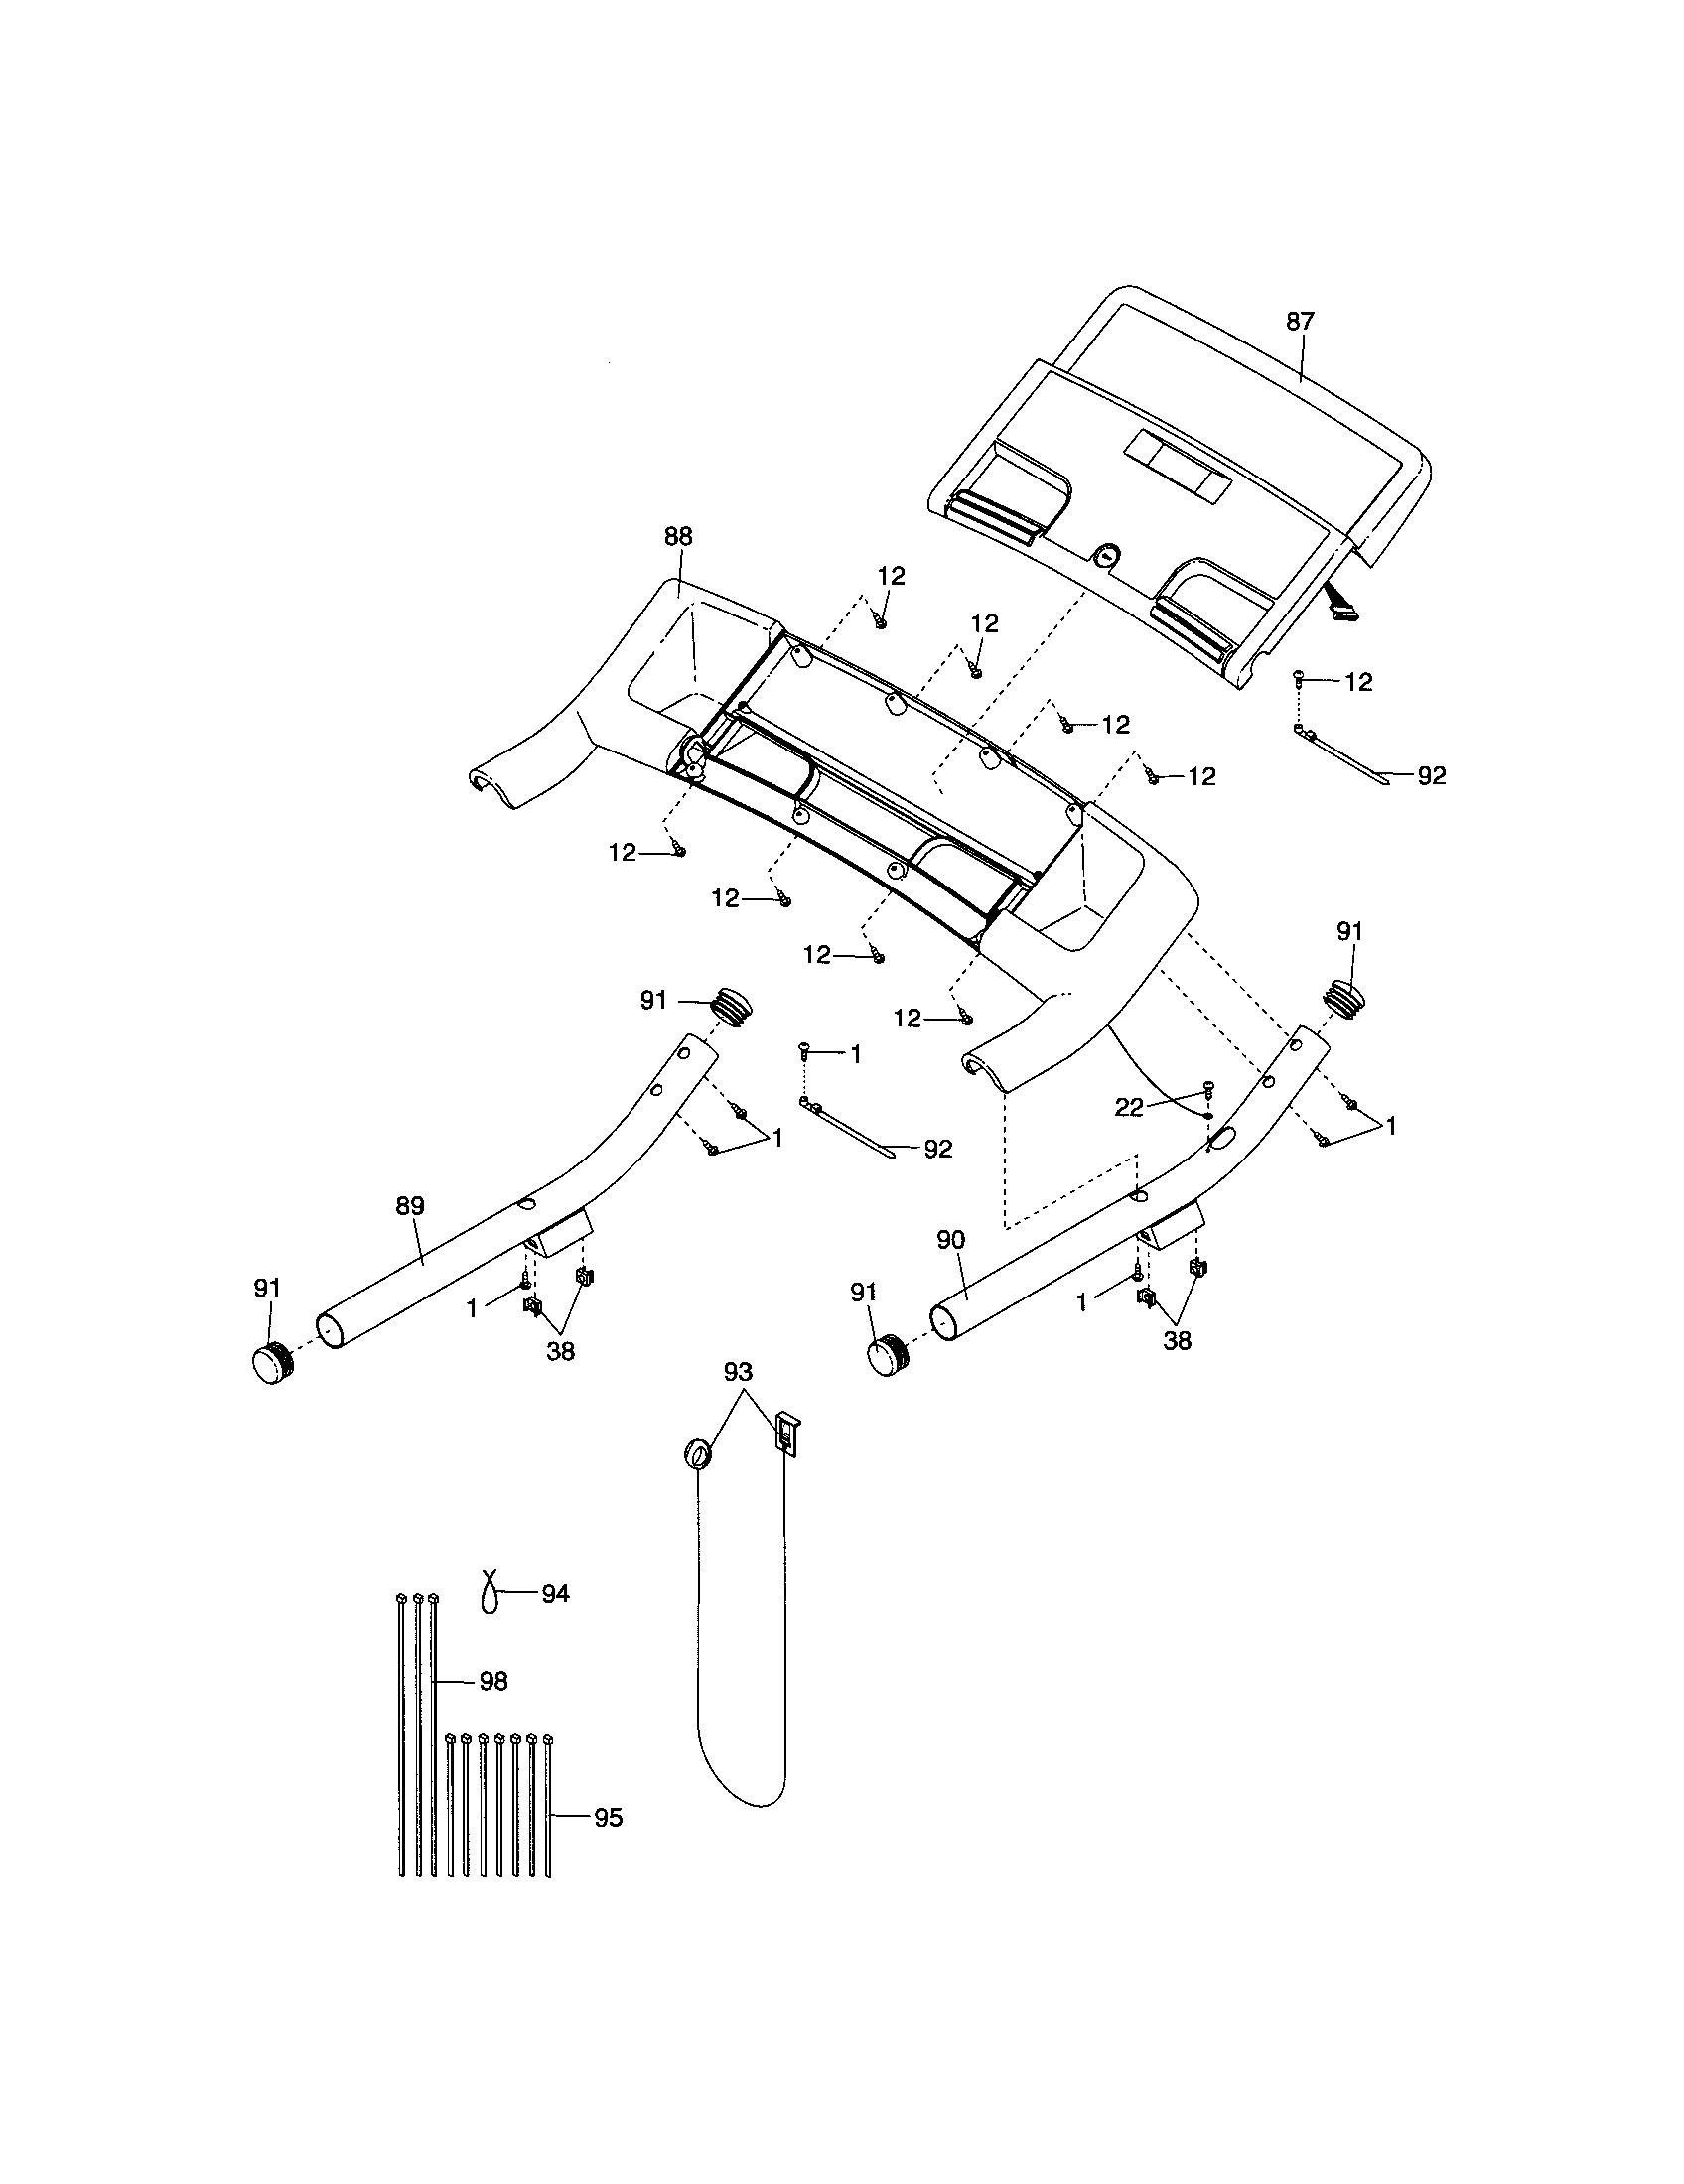 Proform Treadmill Parts List